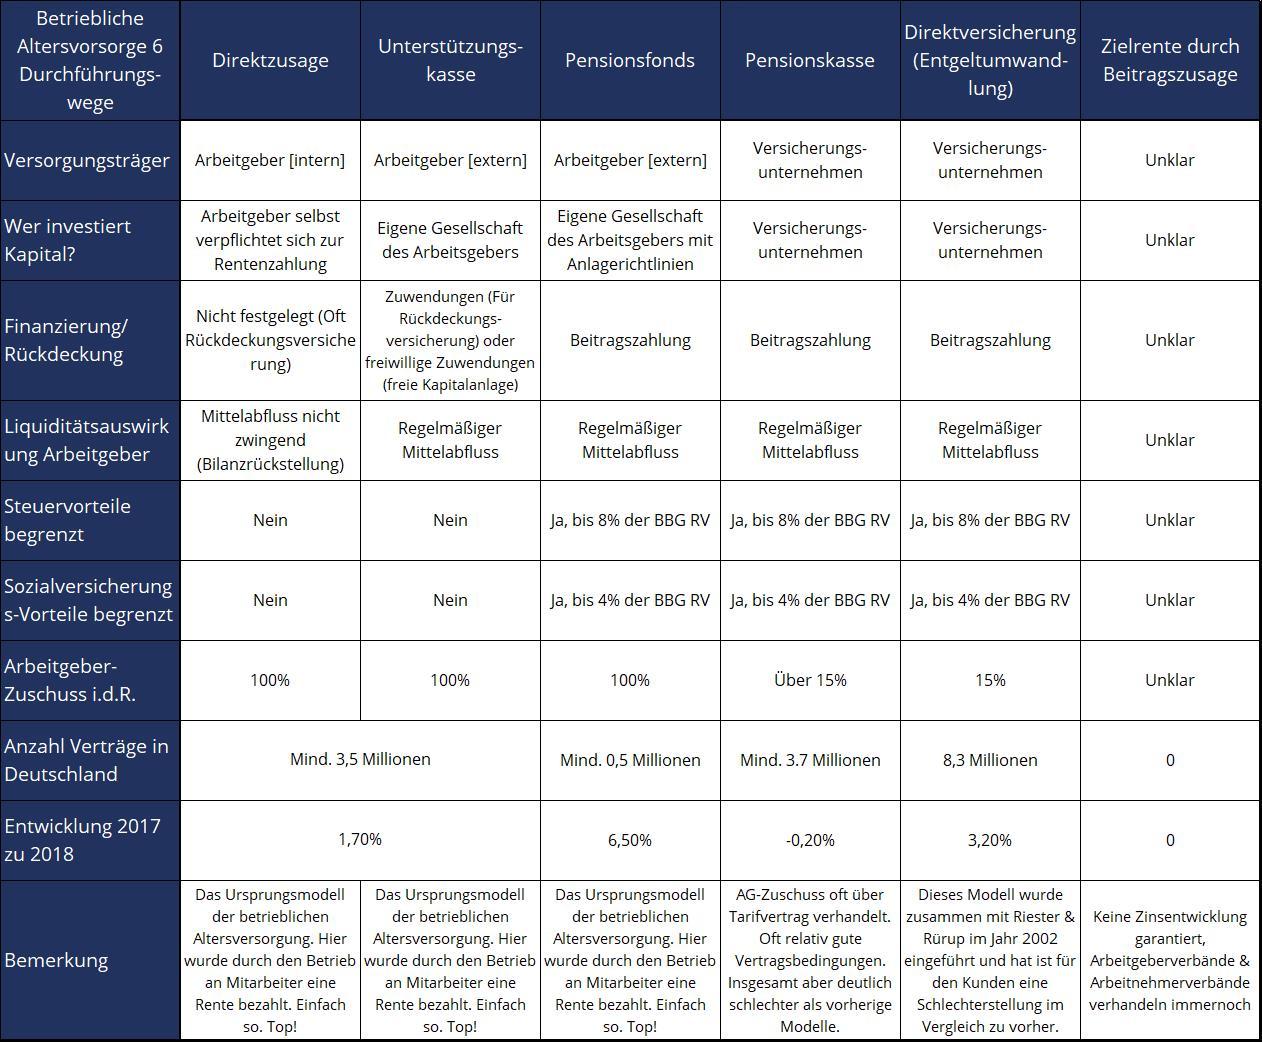 Tabelle zur Direktzusage, Direktversicherung & Zielrente